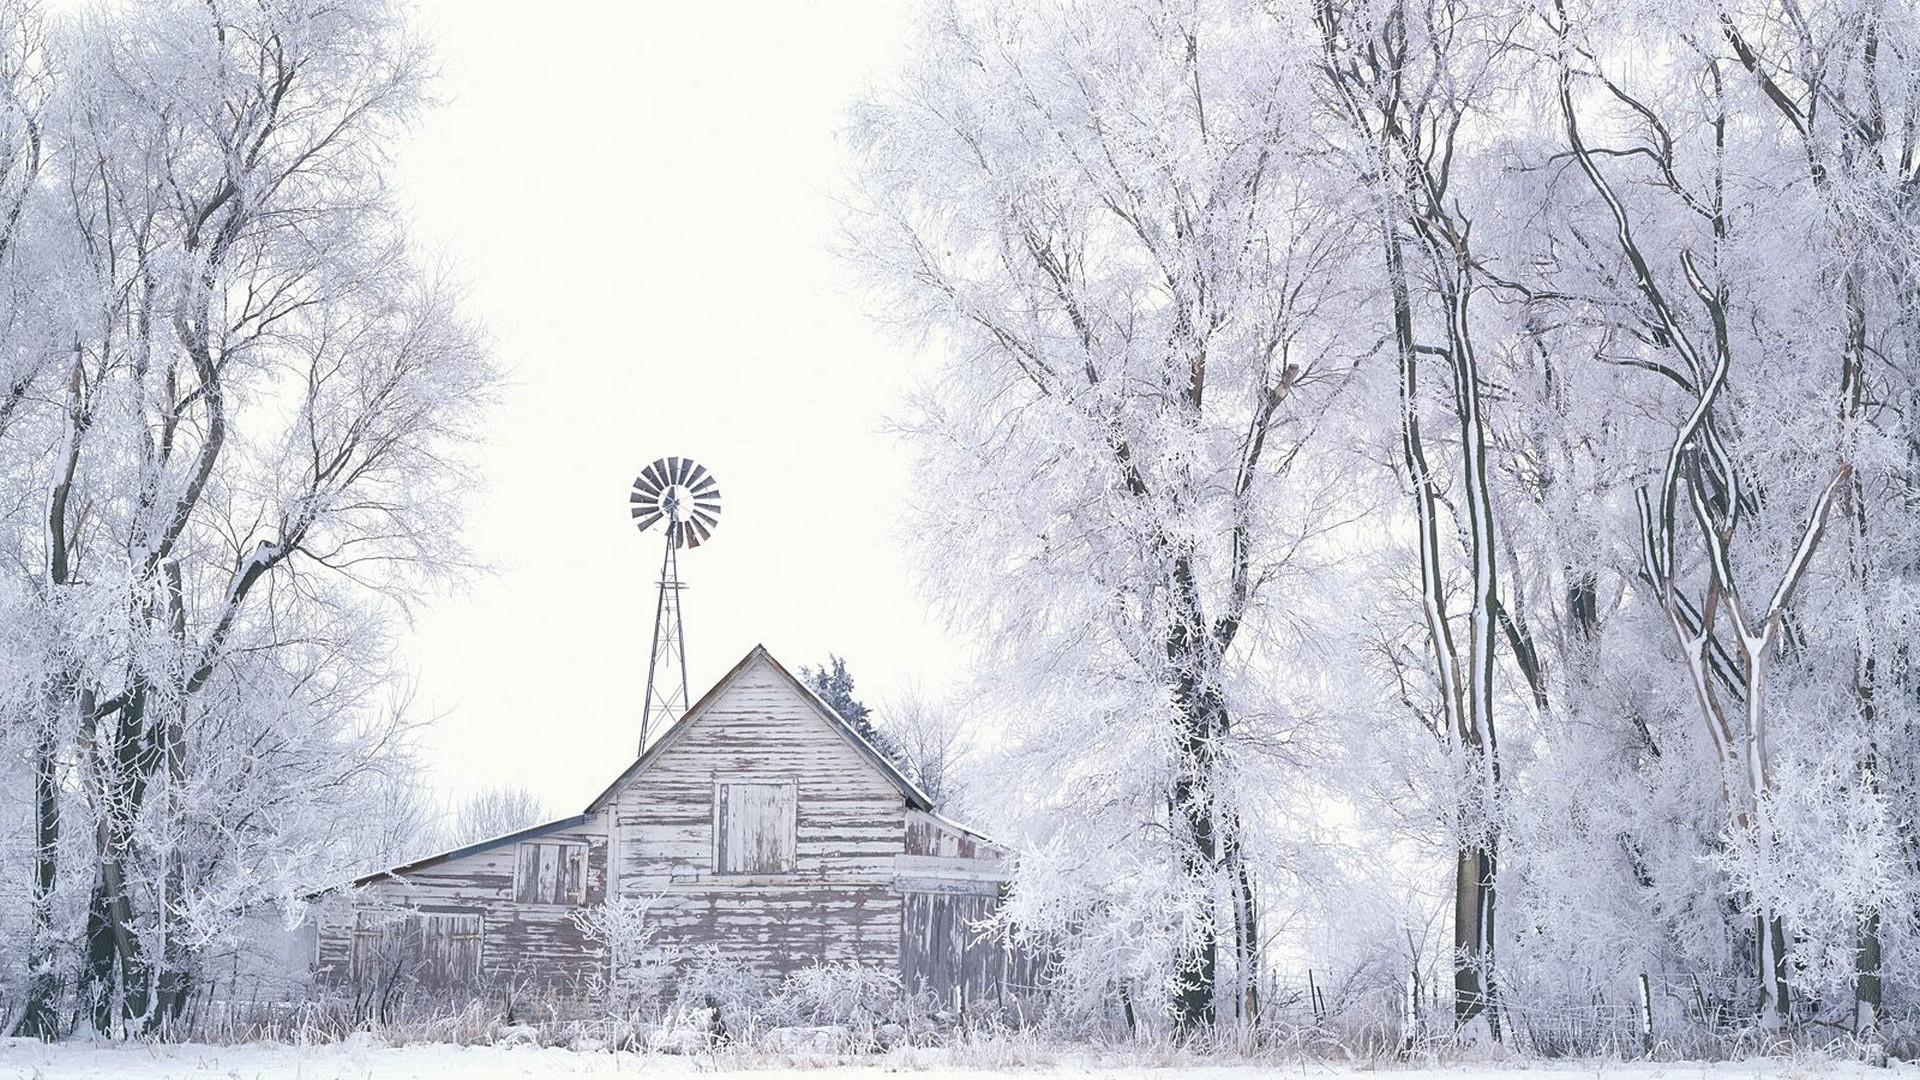 靜謐雪景高清桌面壁紙